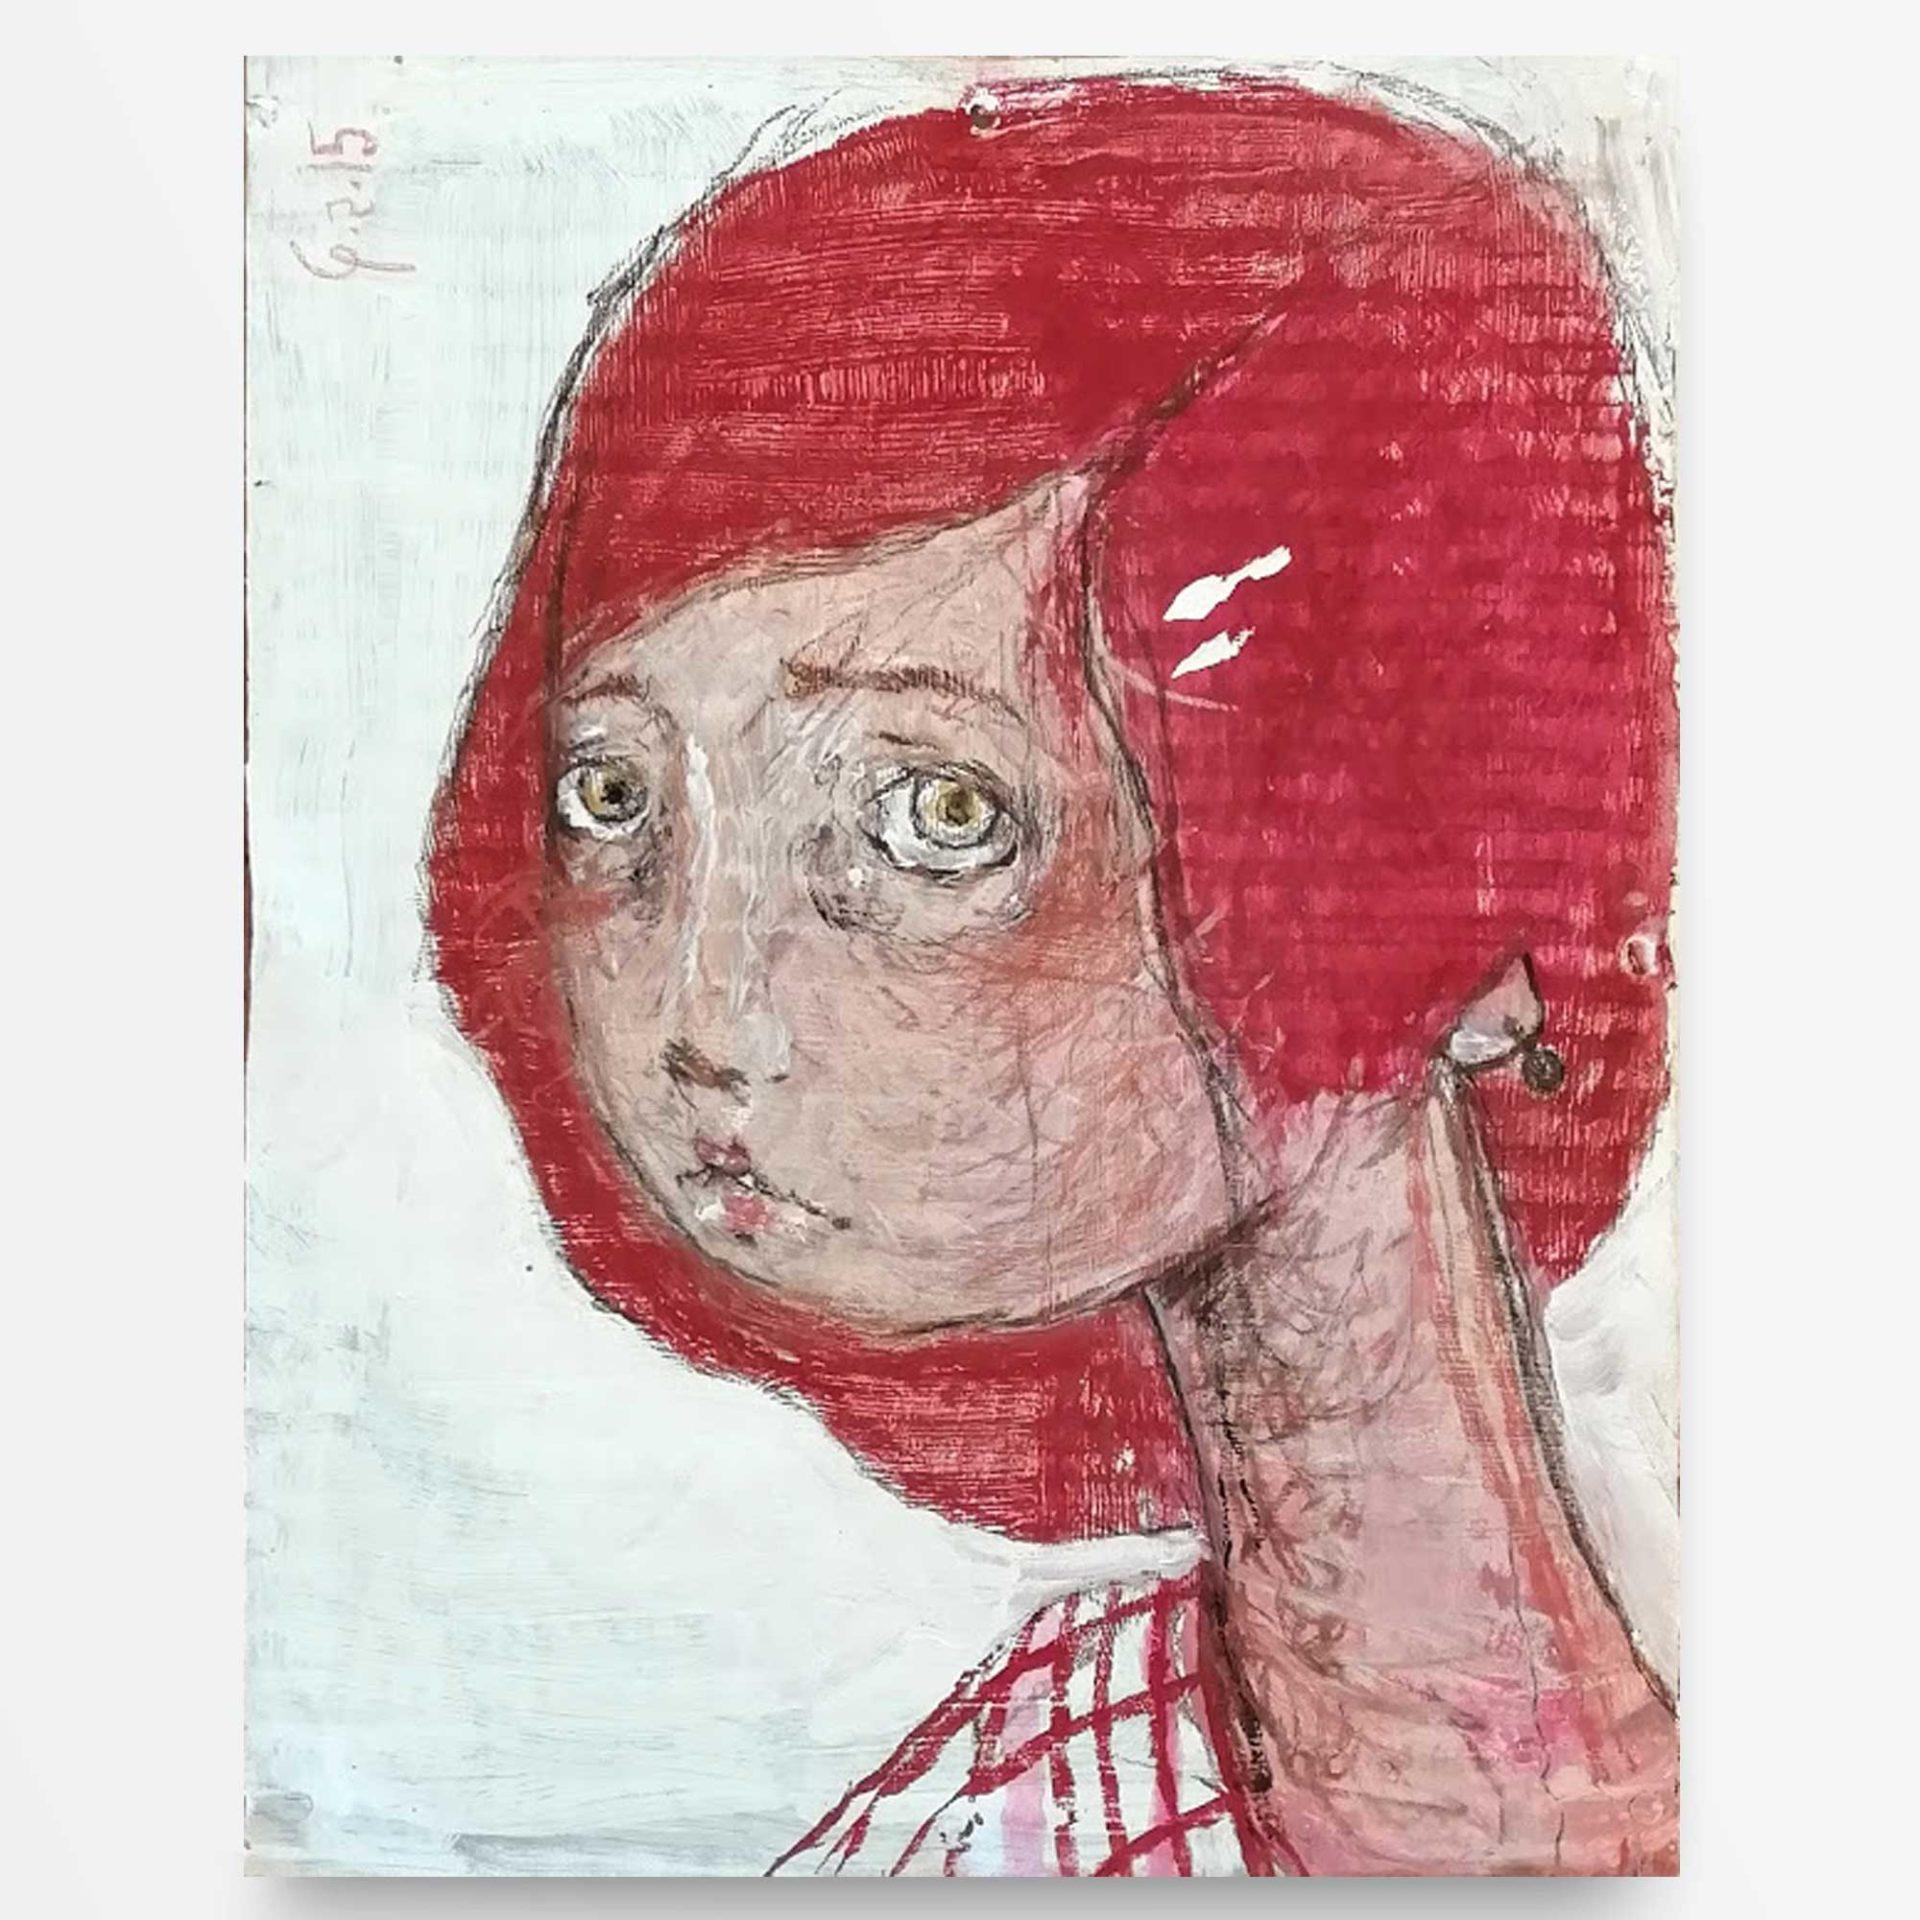 2015 Ritratto dai capelli rossi, quadro ad acrilico di Diego Gabriele